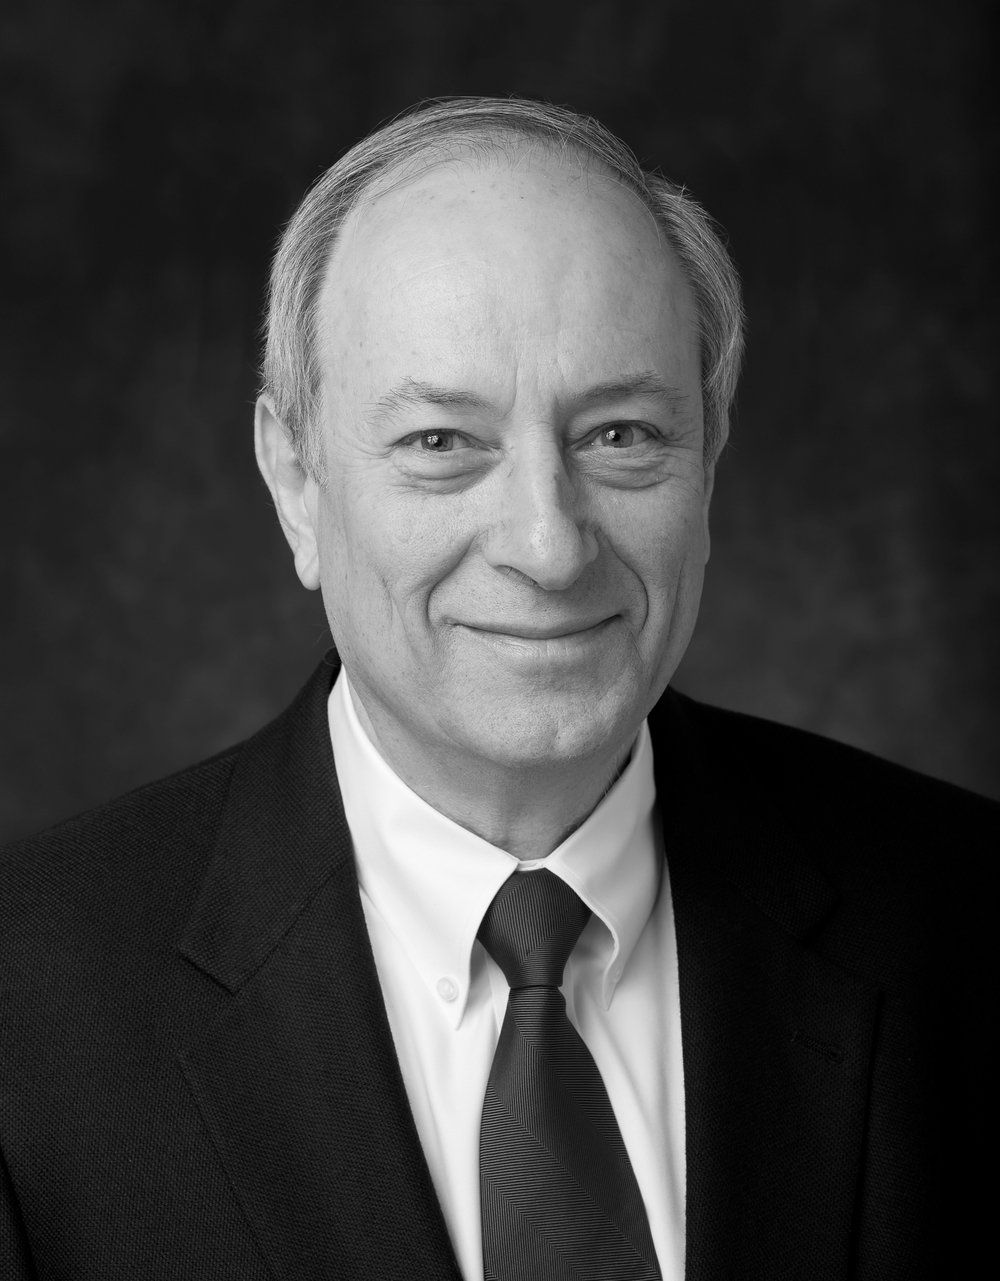 Dan Postal, President of JTO